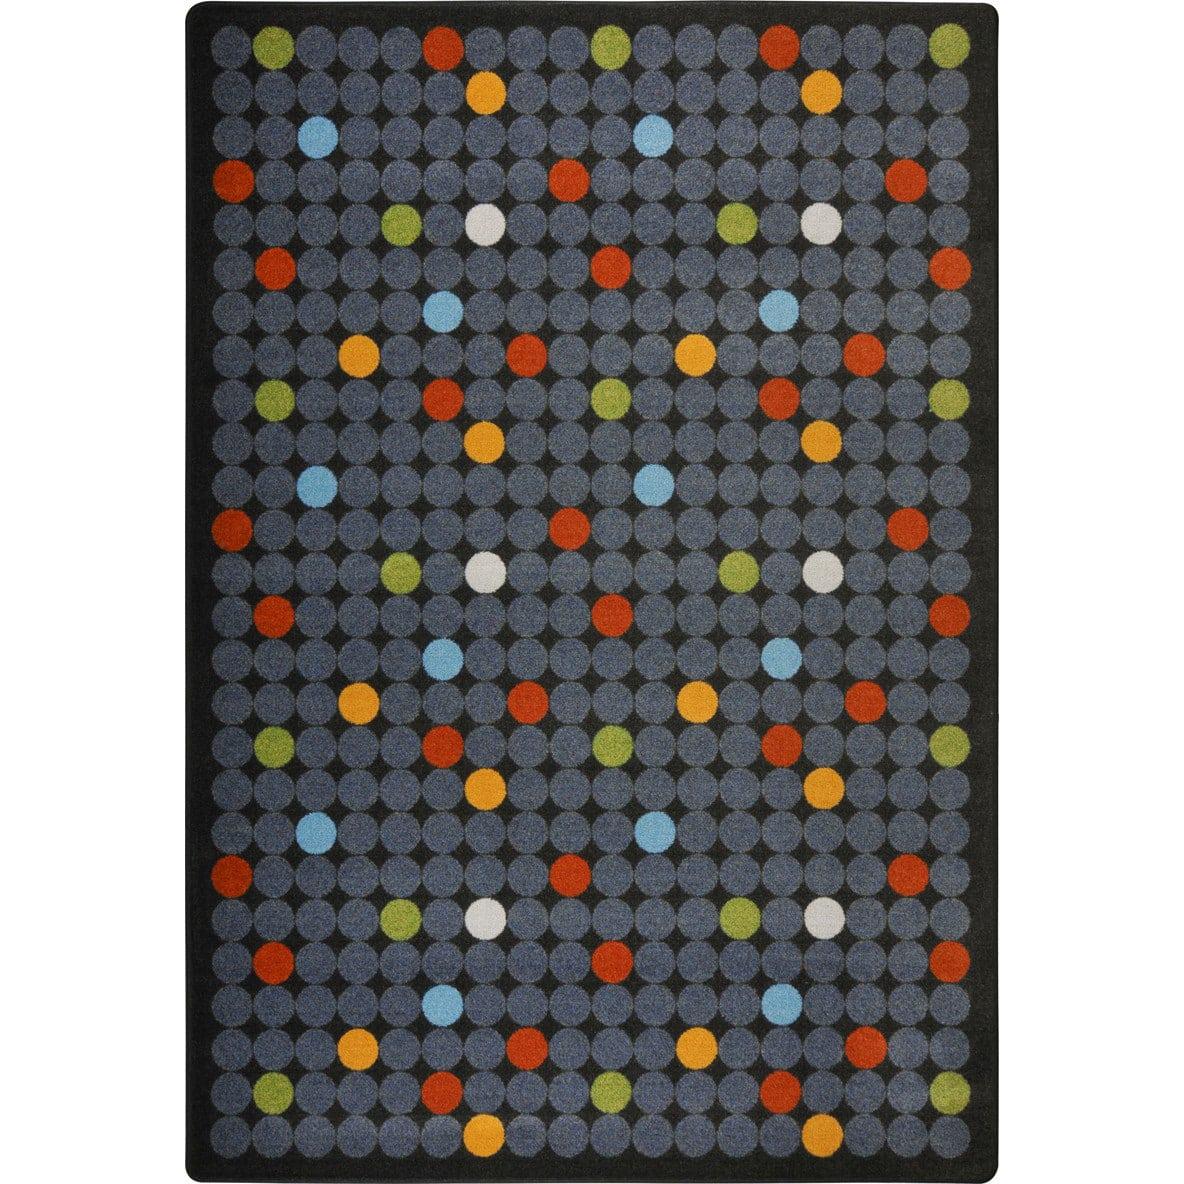 Joy Carpets Playful Patterns Spot On Licorice Rug Studio